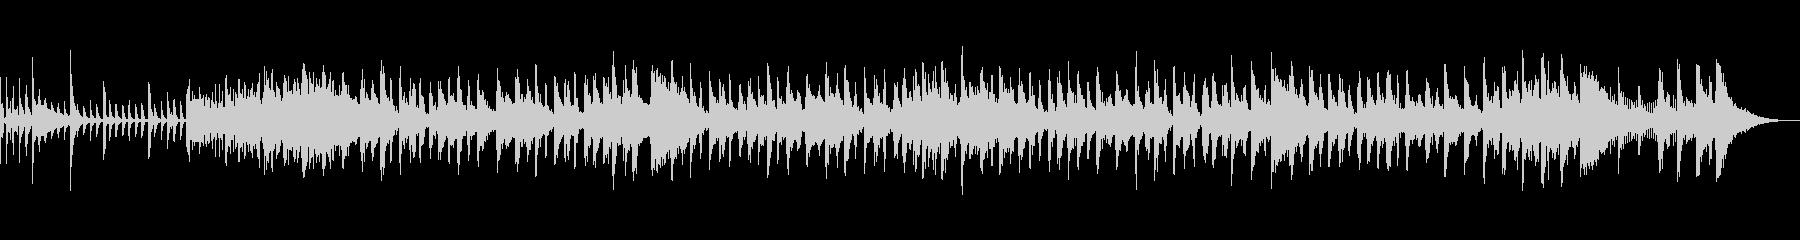 ディープカバー電子ジャングルグルーブの未再生の波形